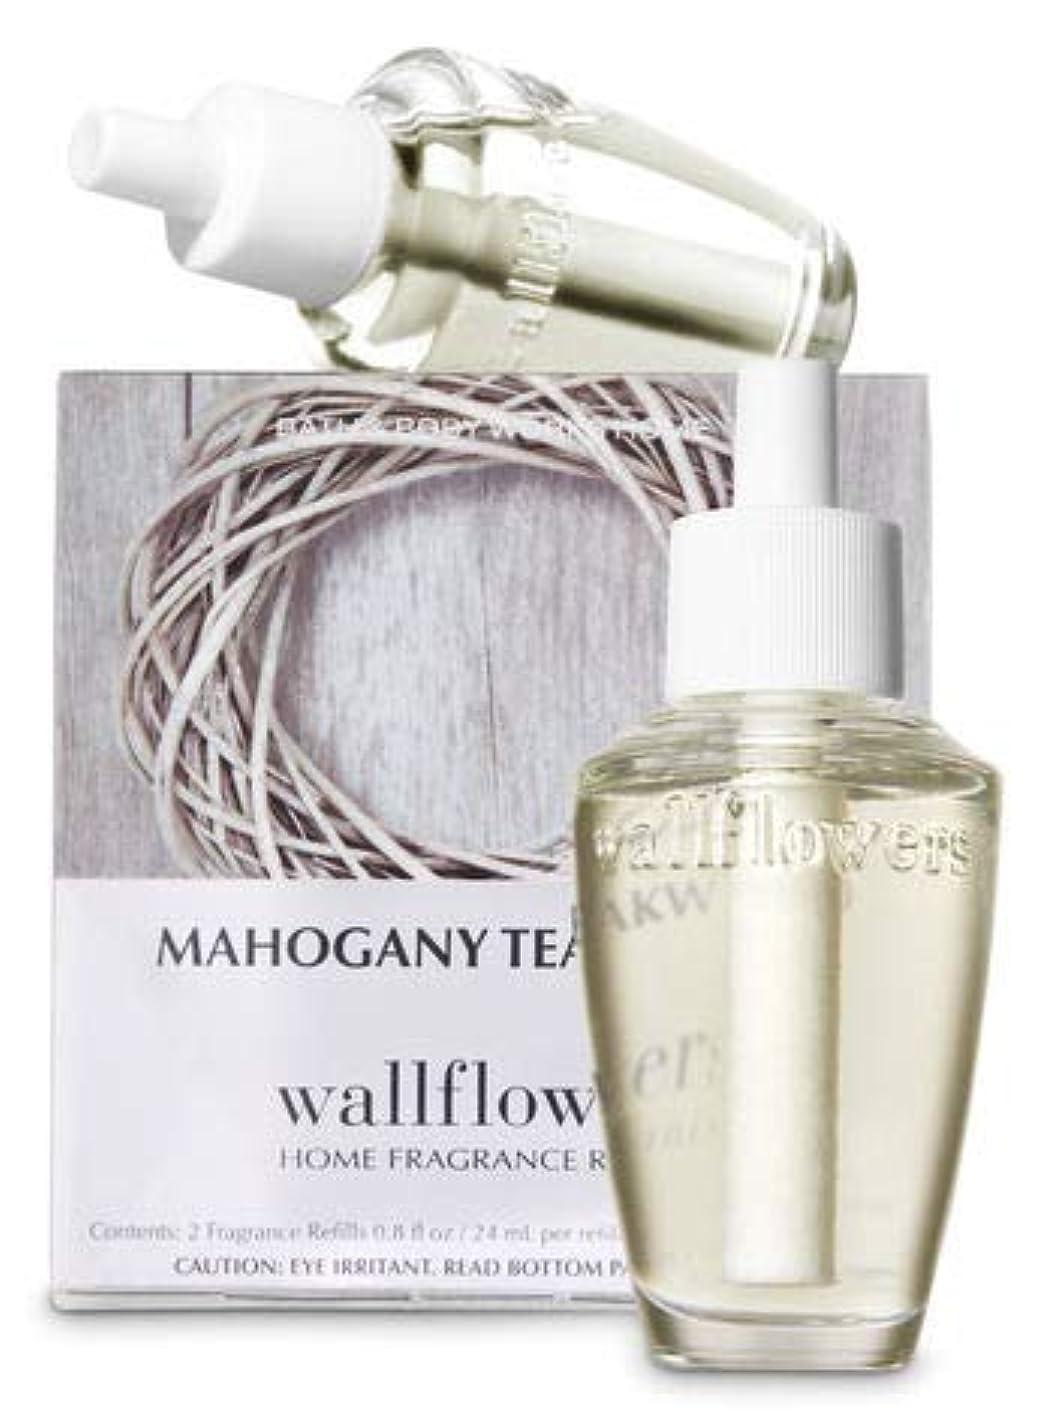 対抗回想小学生【Bath&Body Works/バス&ボディワークス】 ルームフレグランス 詰替えリフィル(2個入り) マホガニーティークウッド Wallflowers Home Fragrance 2-Pack Refills Mahogany Teakwood [並行輸入品]